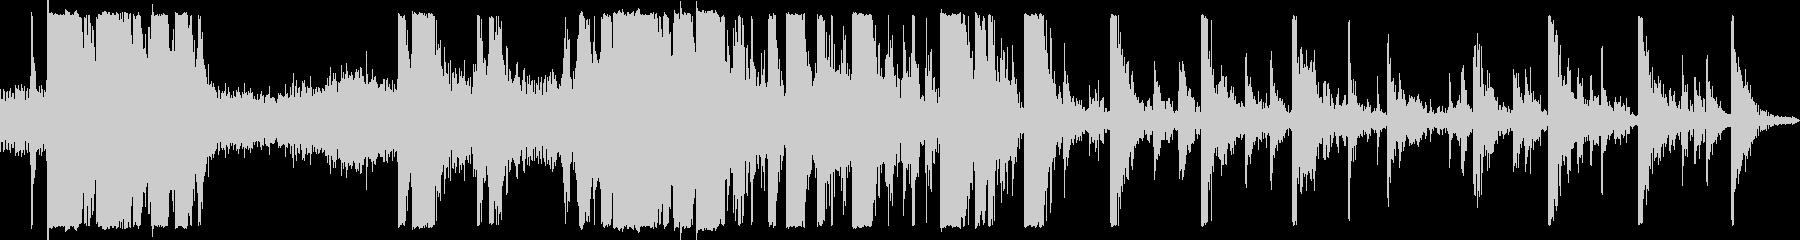 トラッカーバックホーバケットクラン...の未再生の波形